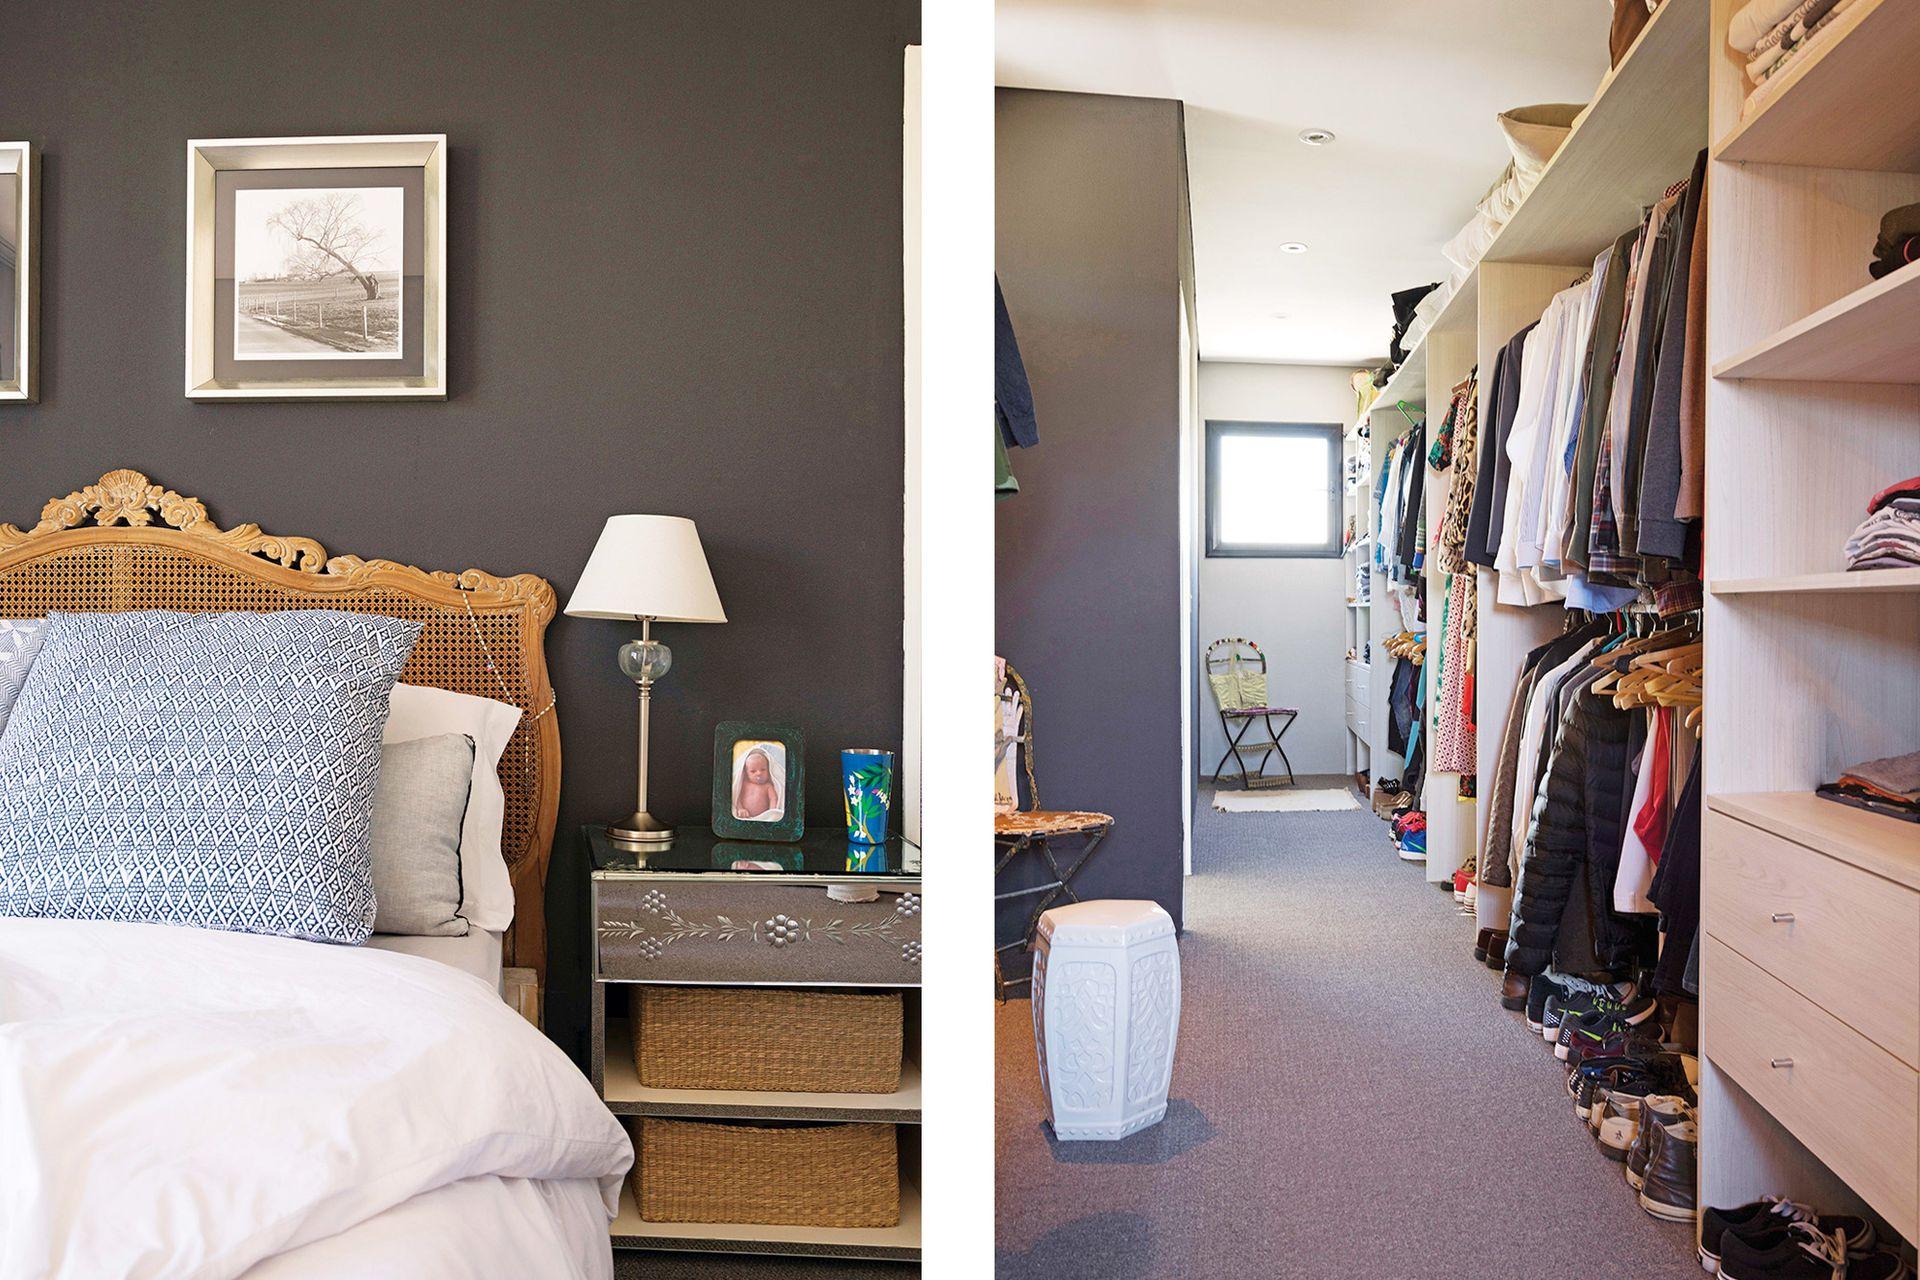 La suite, con un comodísimo y luminoso vestidor integrado.